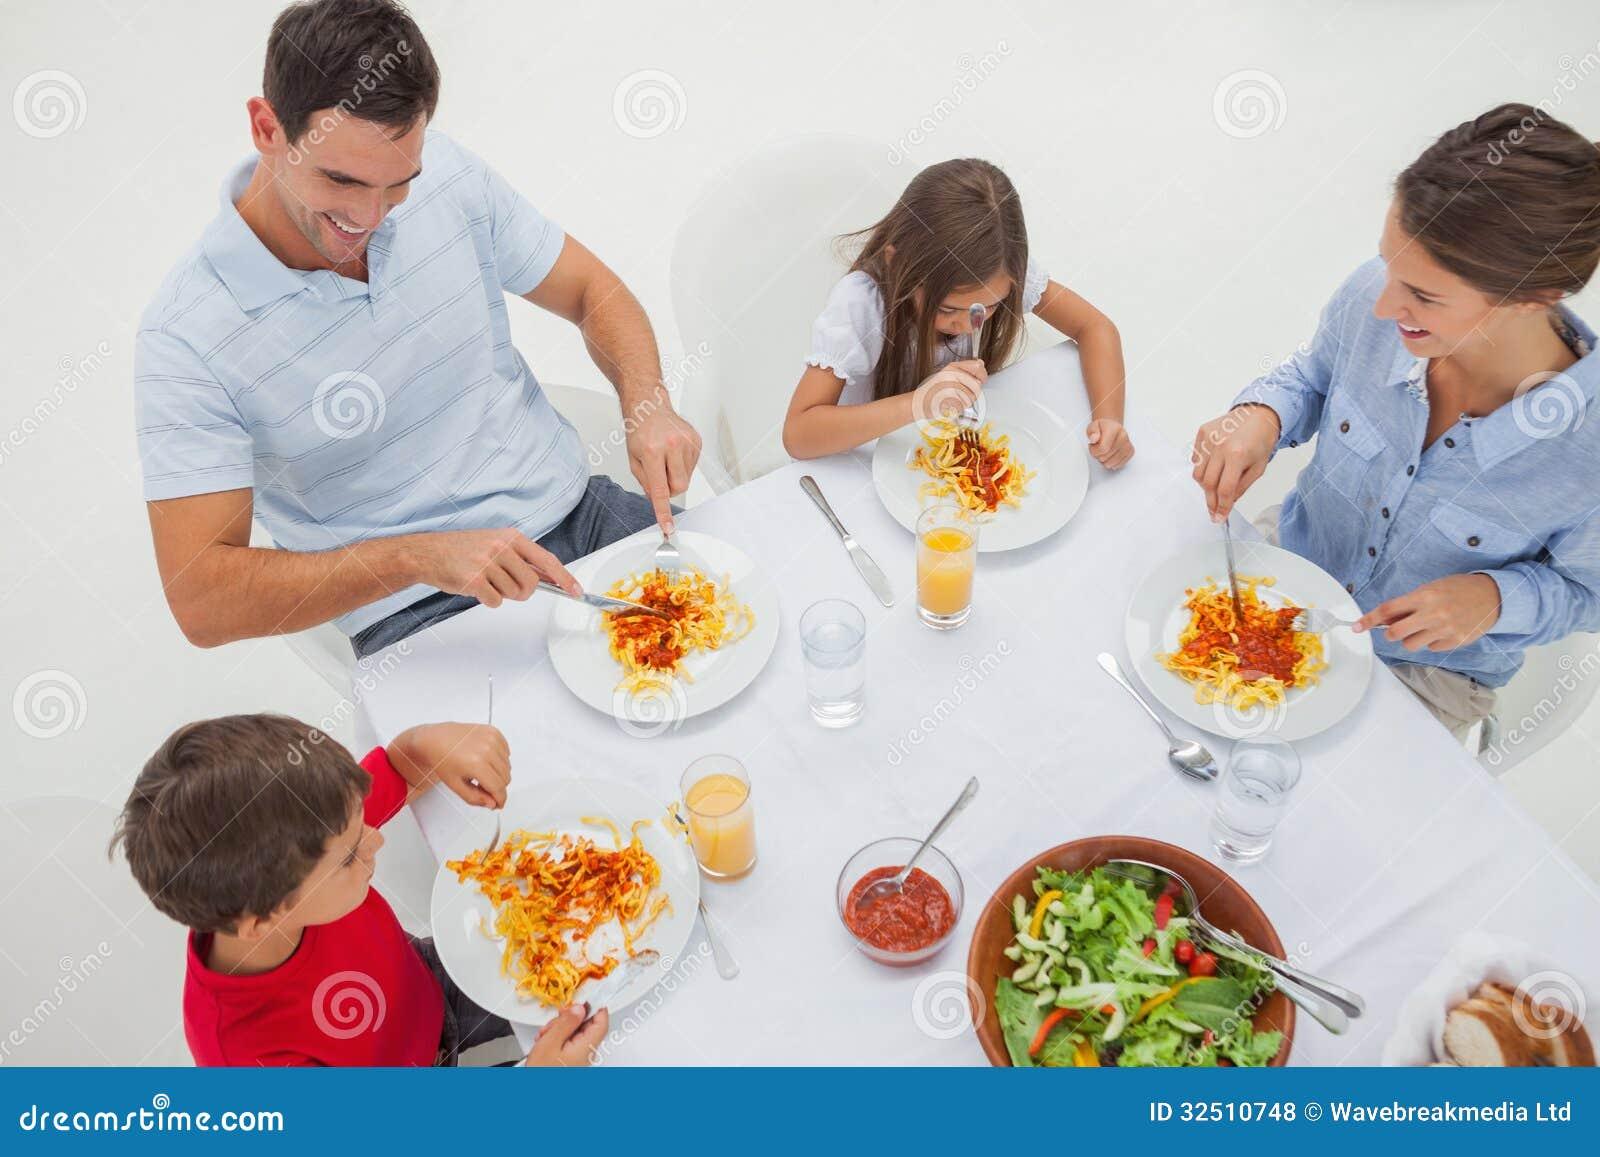 Panoramica di una famiglia che mangia pasta con salsa ed insalata